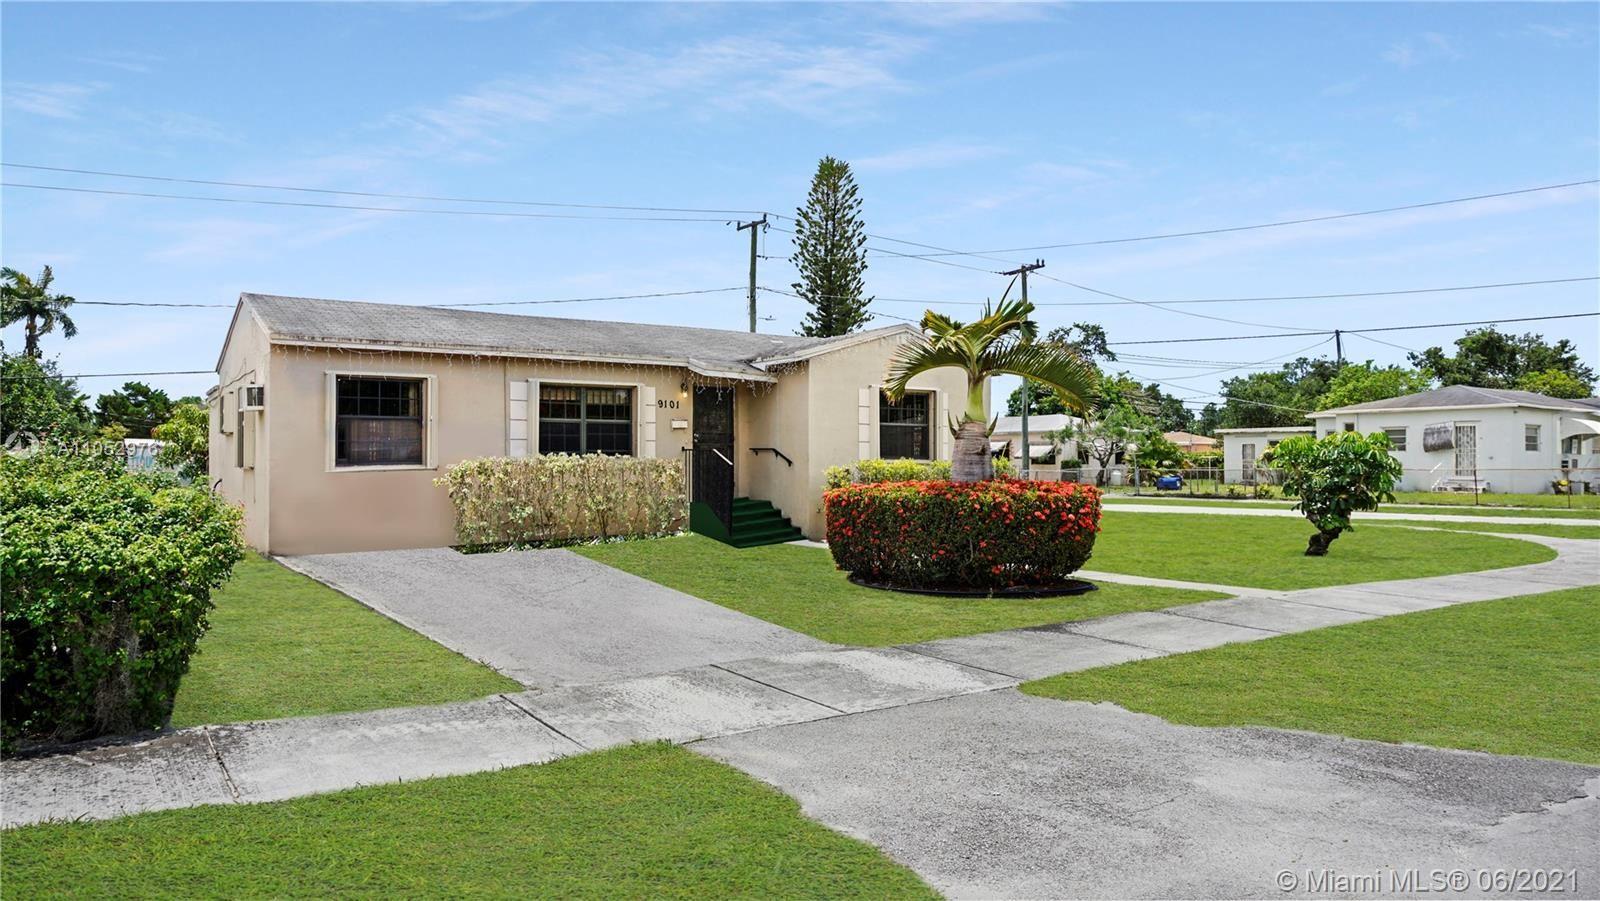 9101 NW 15th Ave, Miami, FL 33147 - #: A11052976